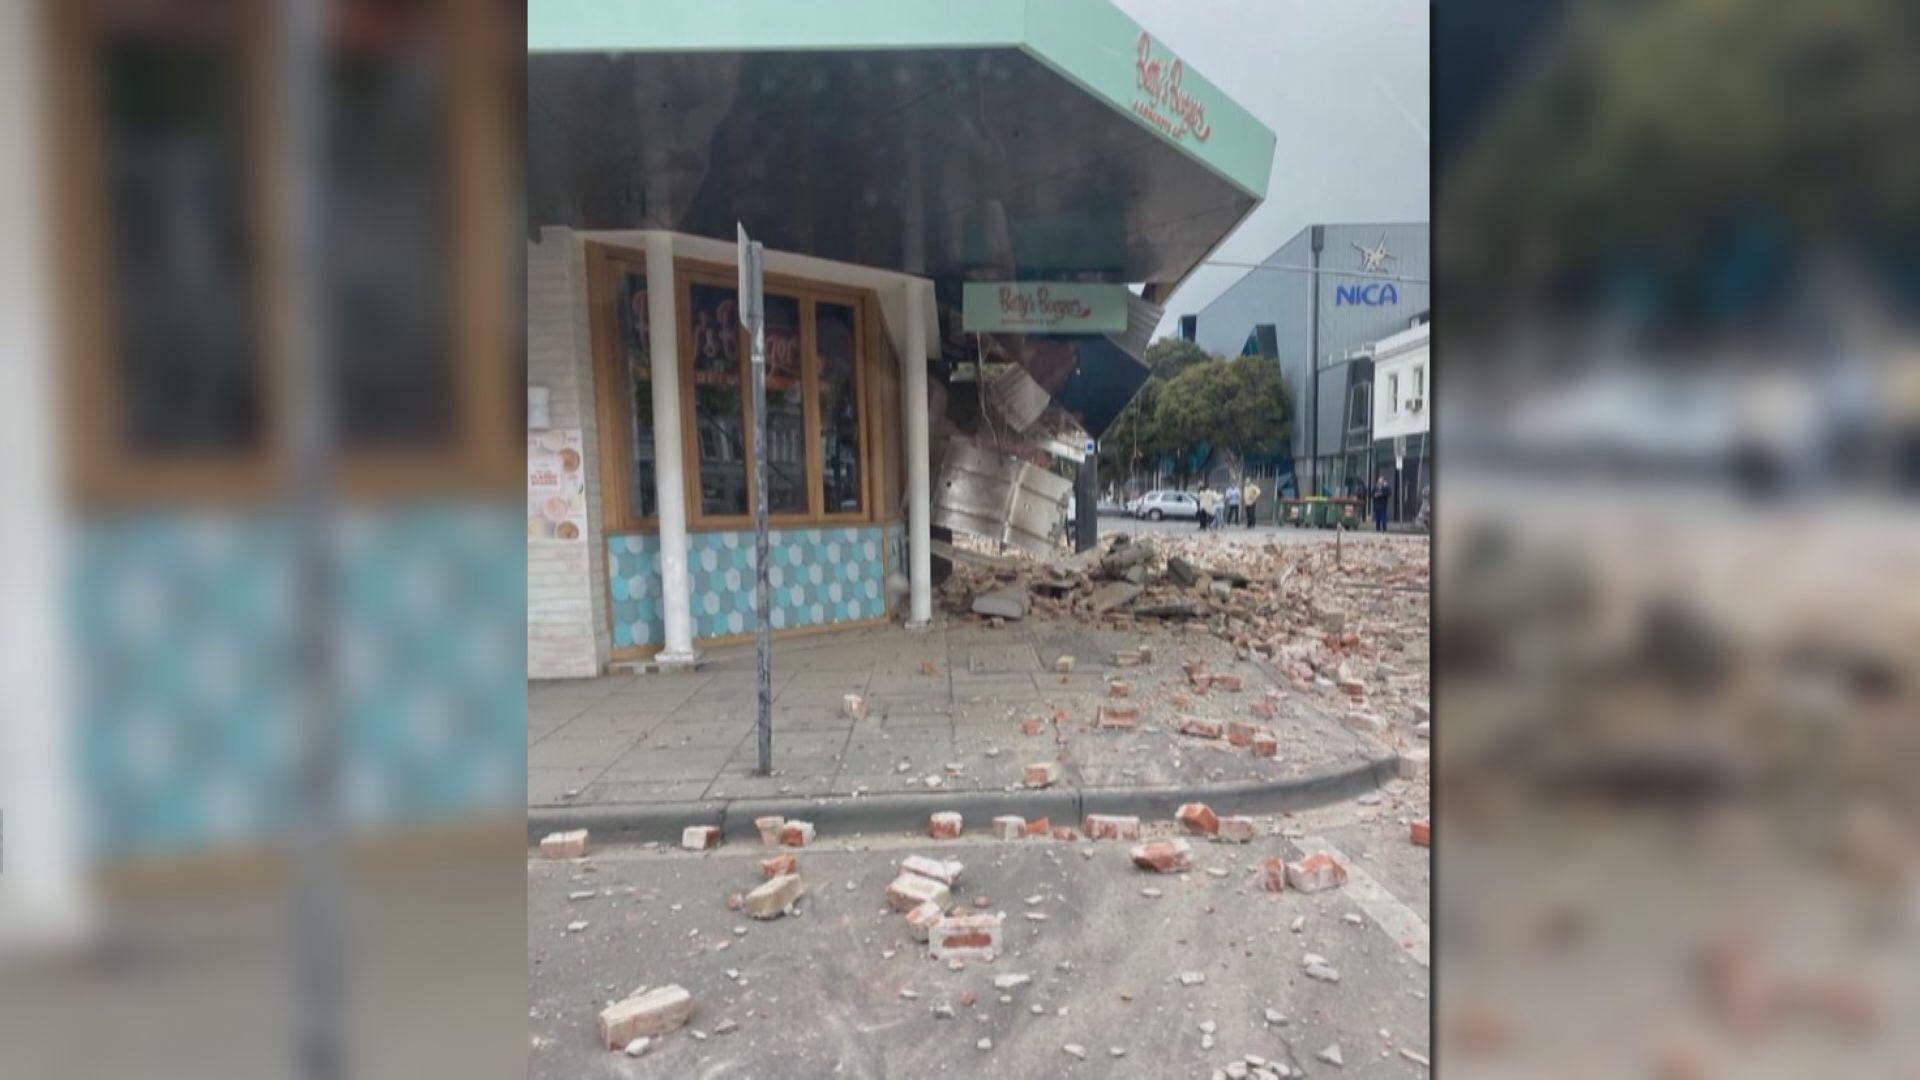 澳洲維多利亞州六級地震 墨爾本有震感